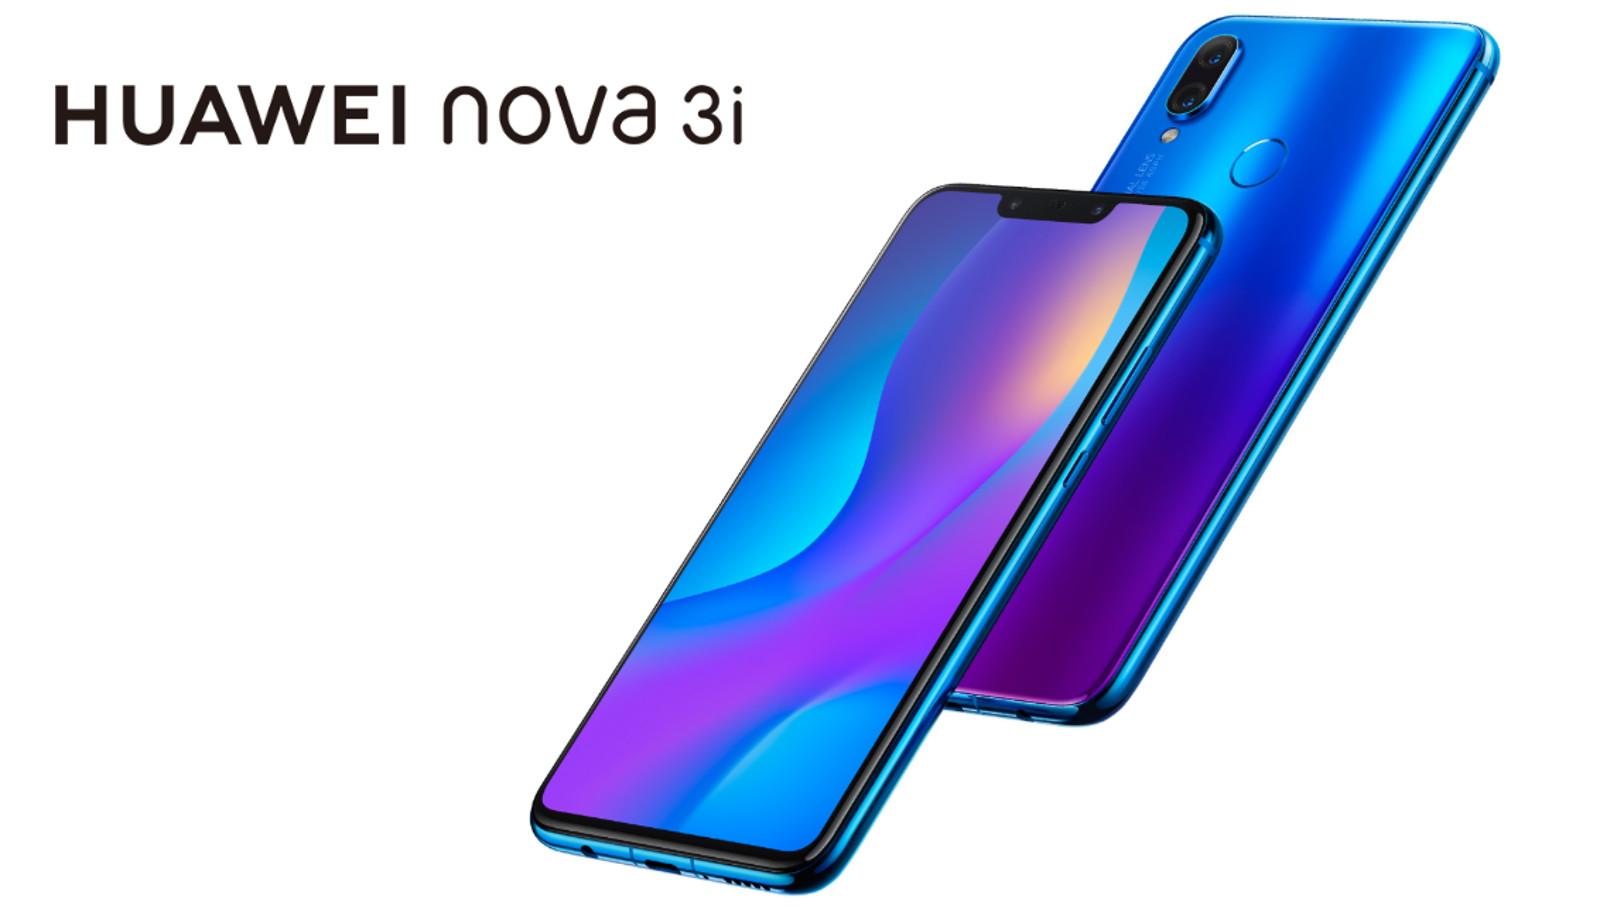 جوال Huawei Nova 3i المميز بتصميم جذاب ومعالج هواوي الجديد